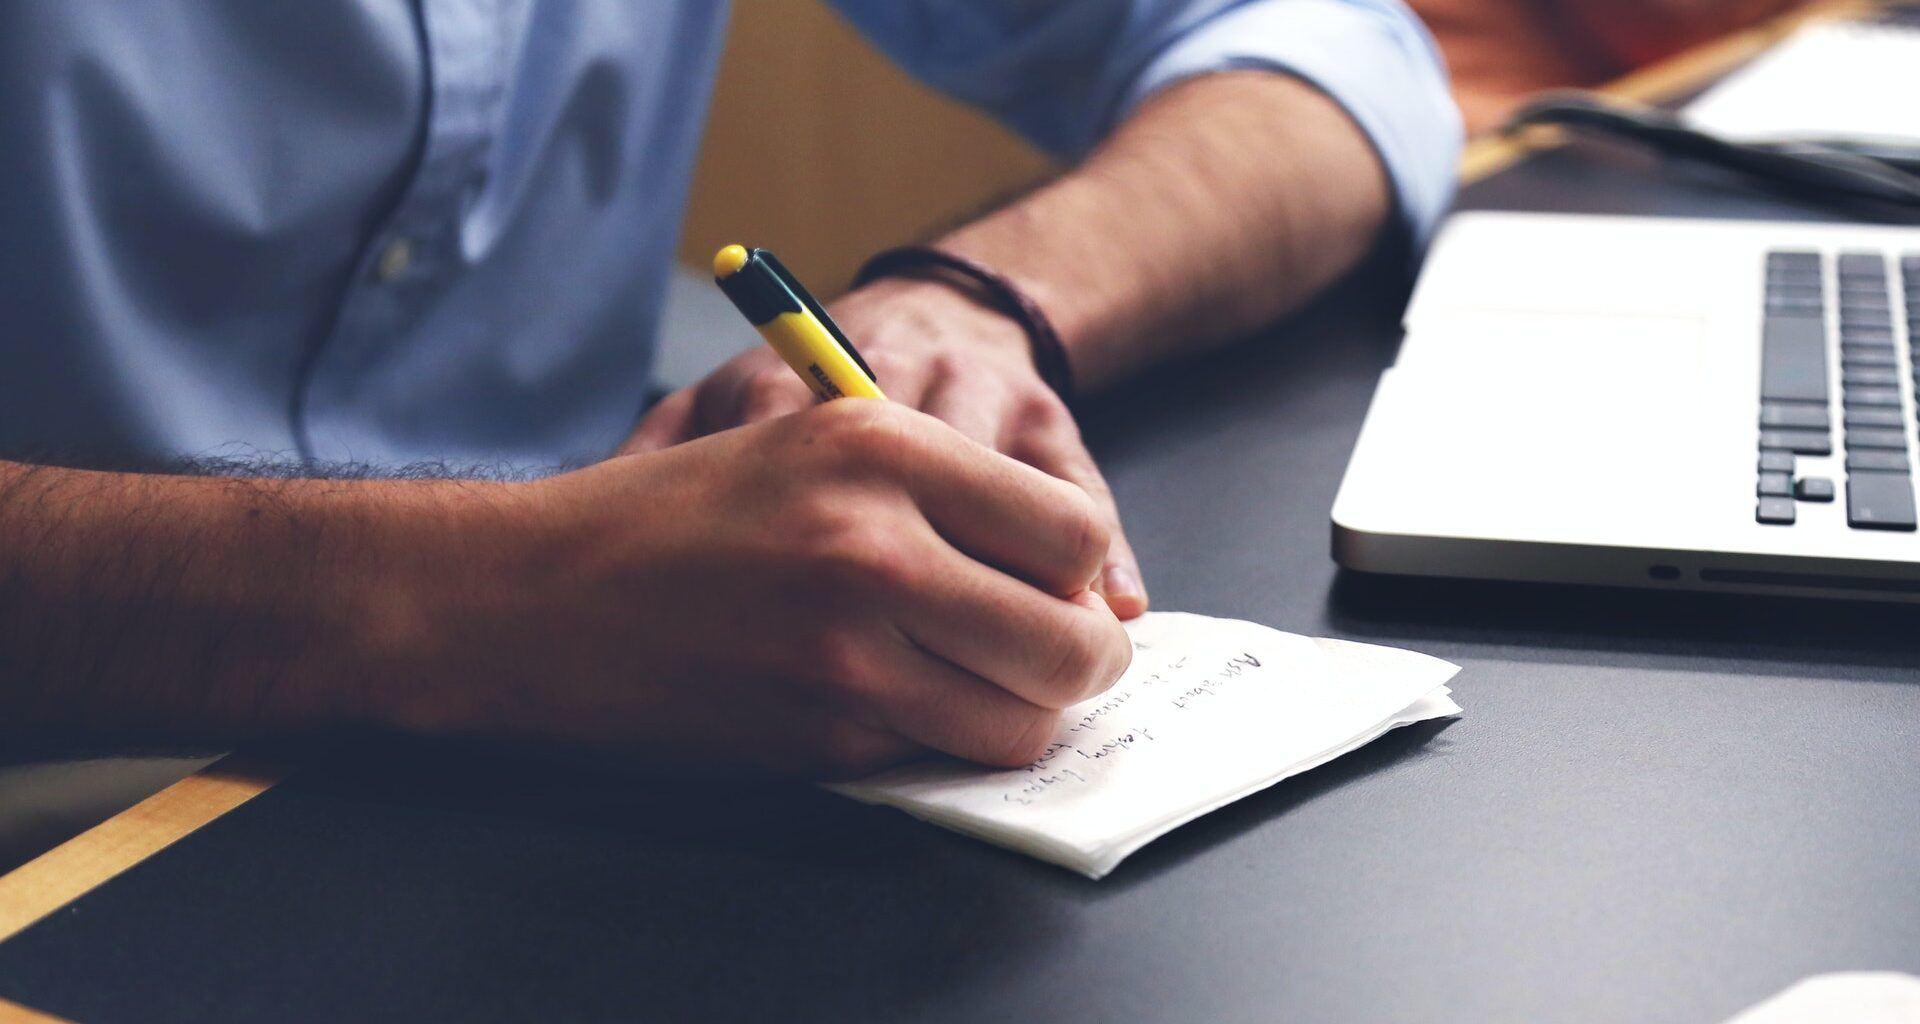 Como consultar o Extrato do Empréstimo Consignado no MEU INSS?